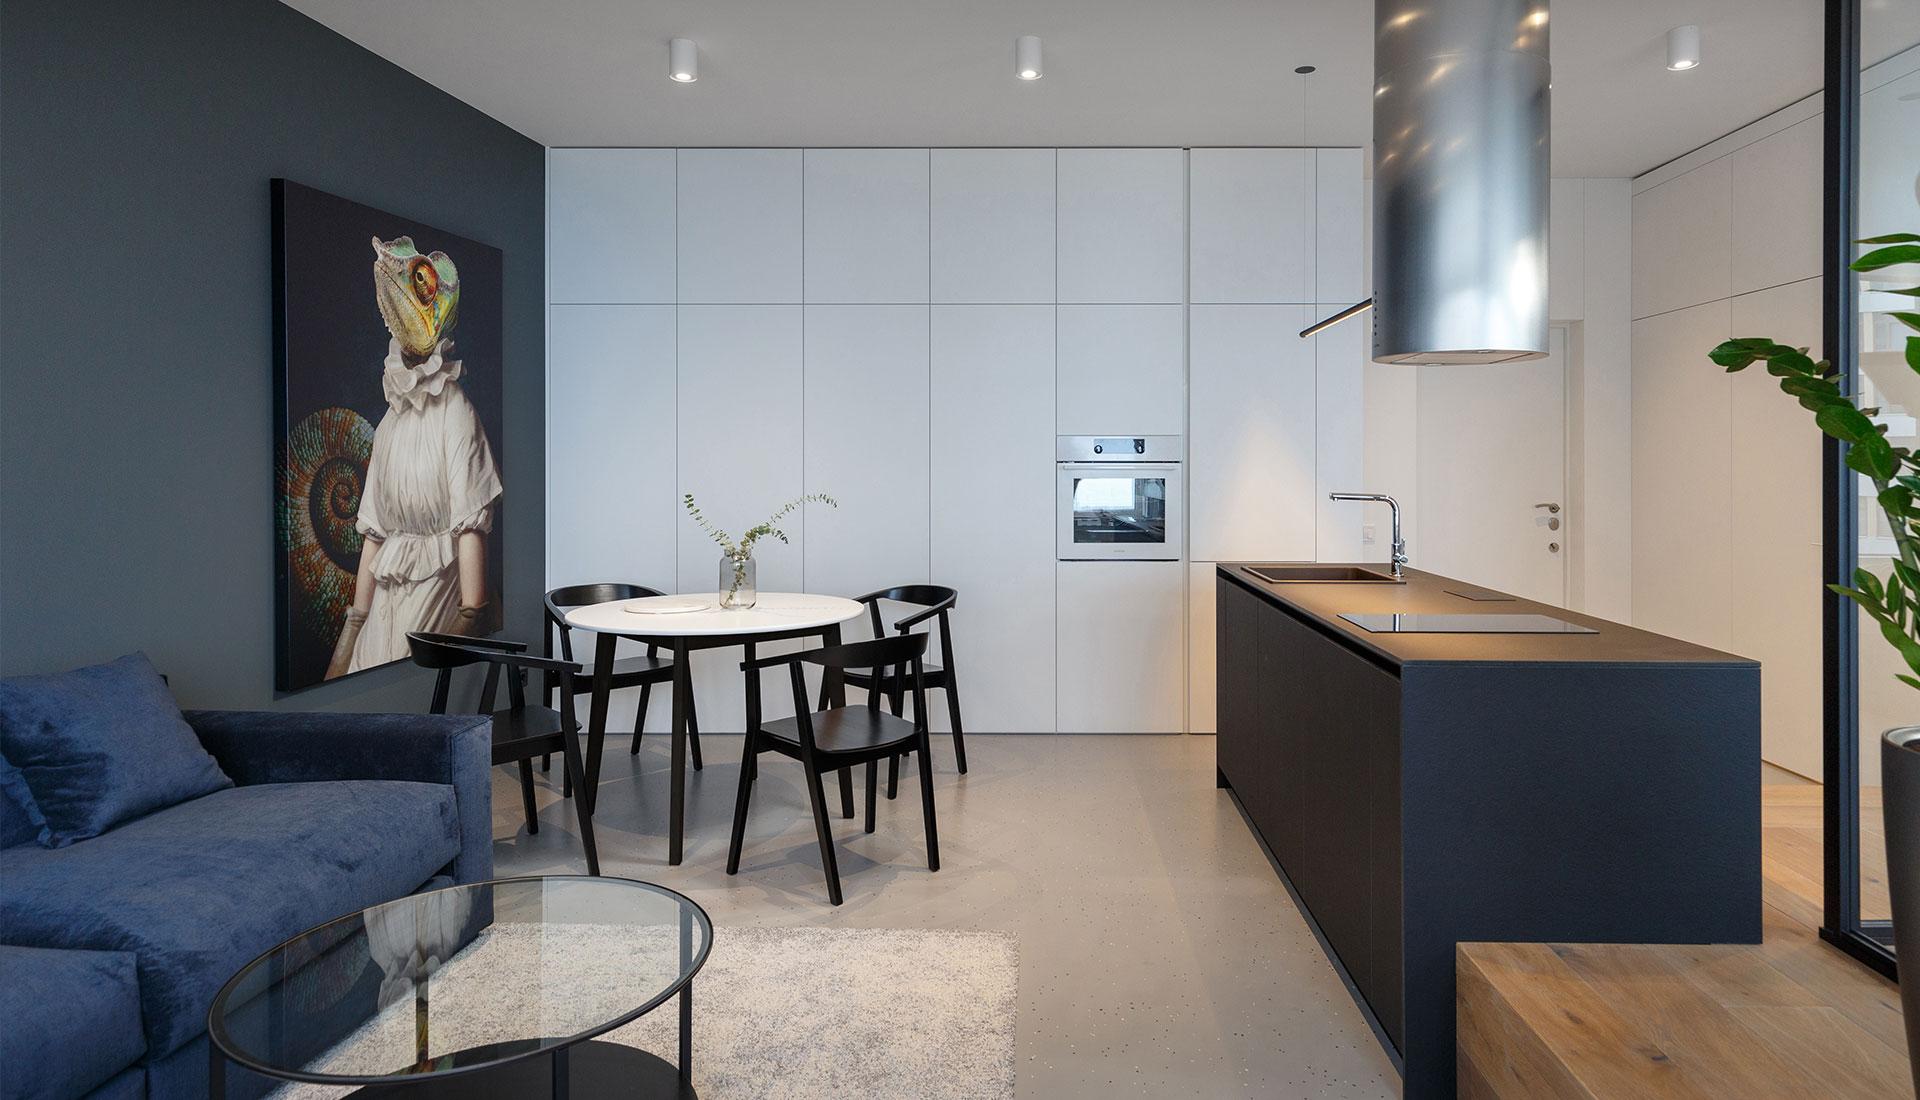 Дизайн маленькой кухни: 5 решений с планировками